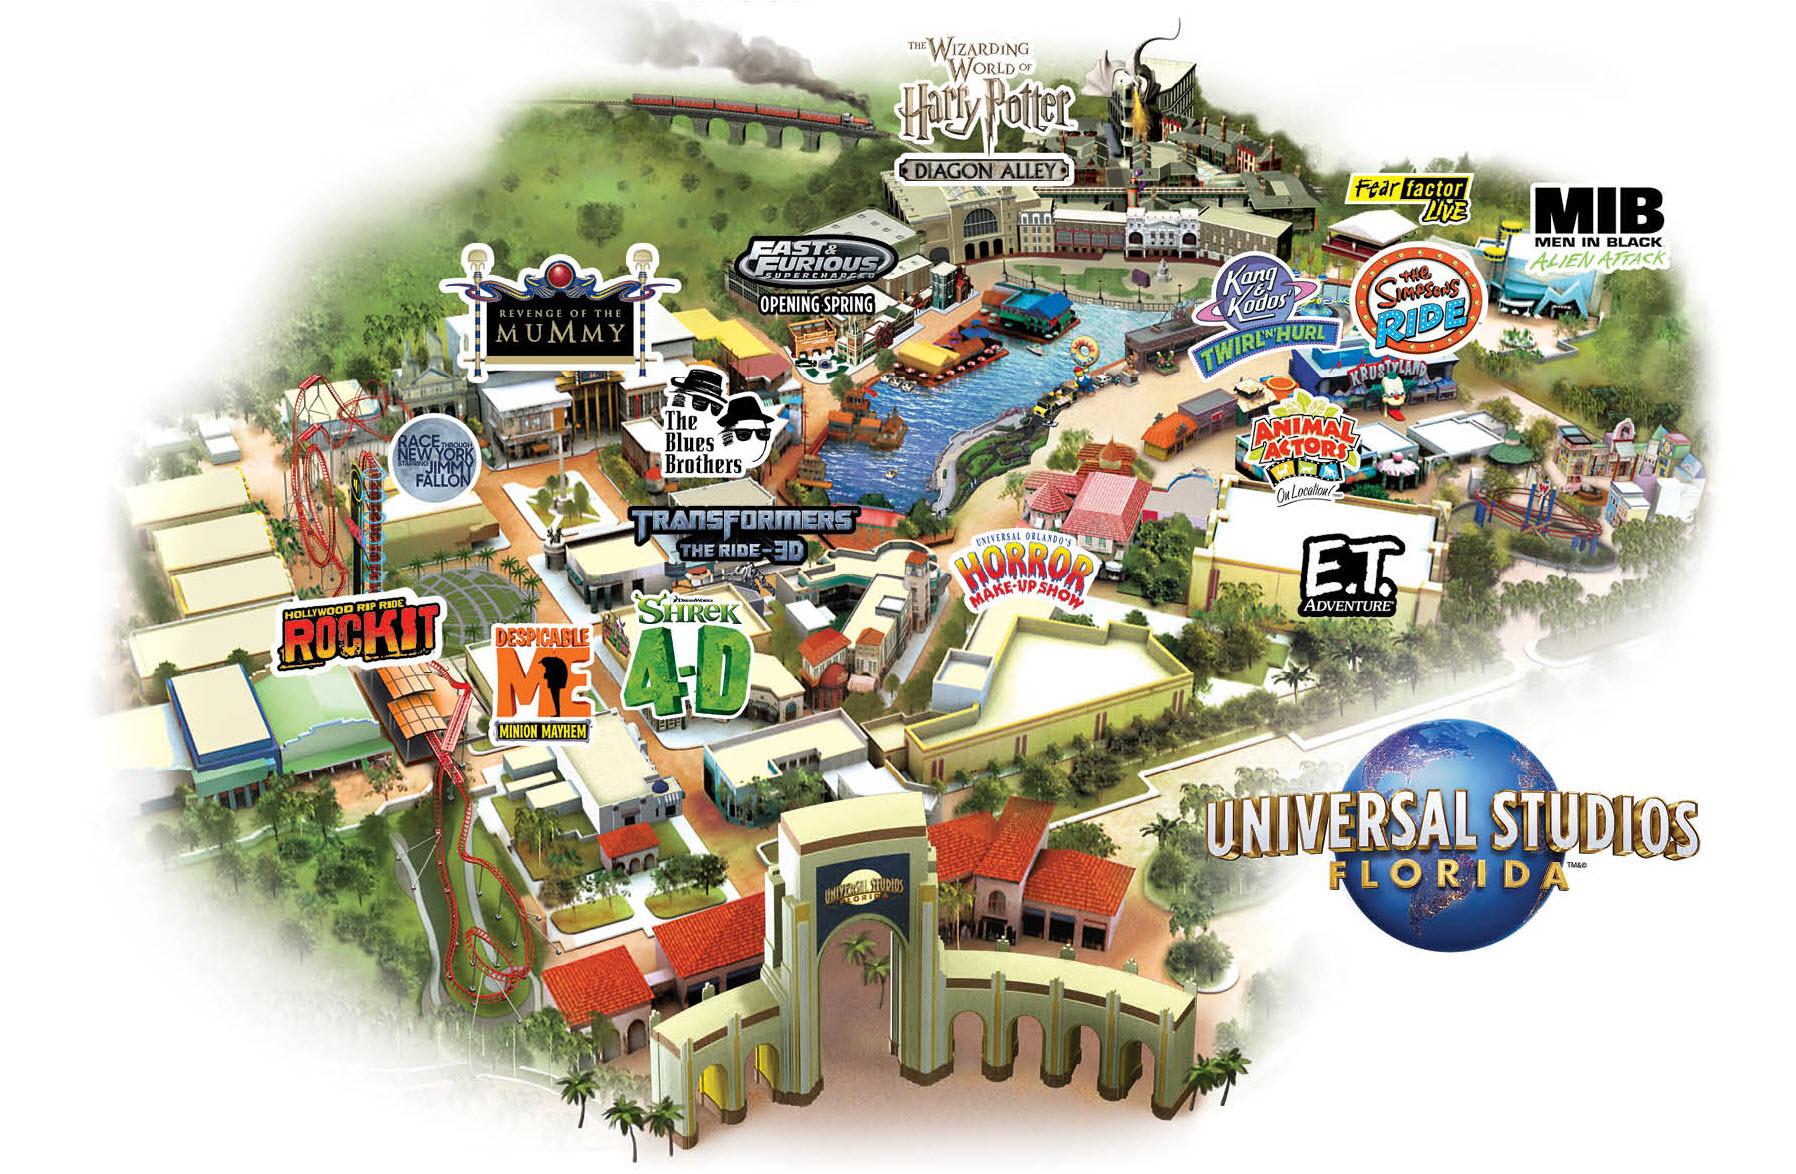 Universal Studios Florida Park Map